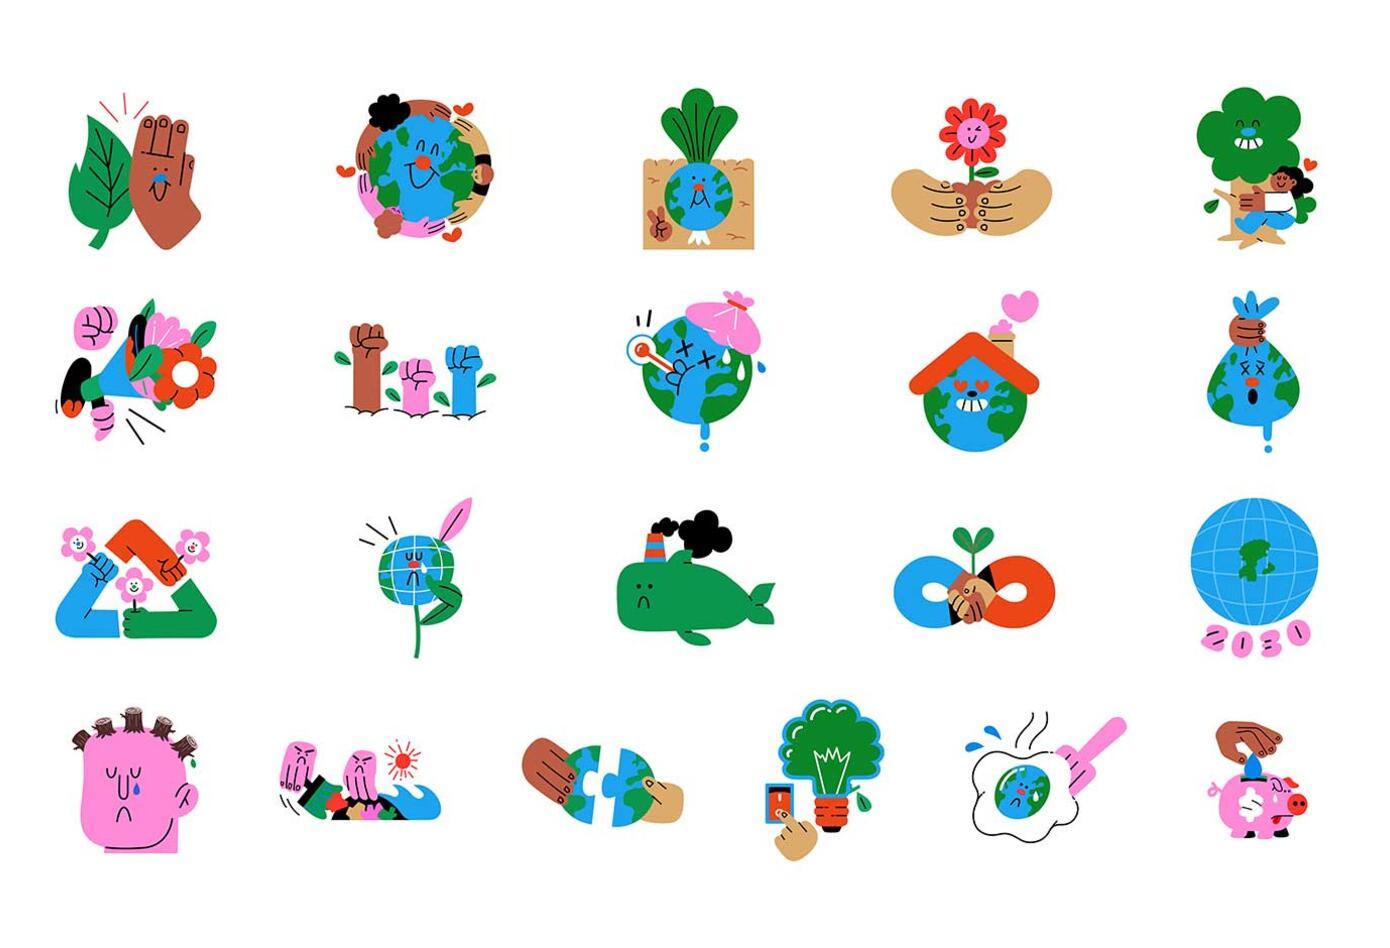 Nuevos stickers de WhatsApp